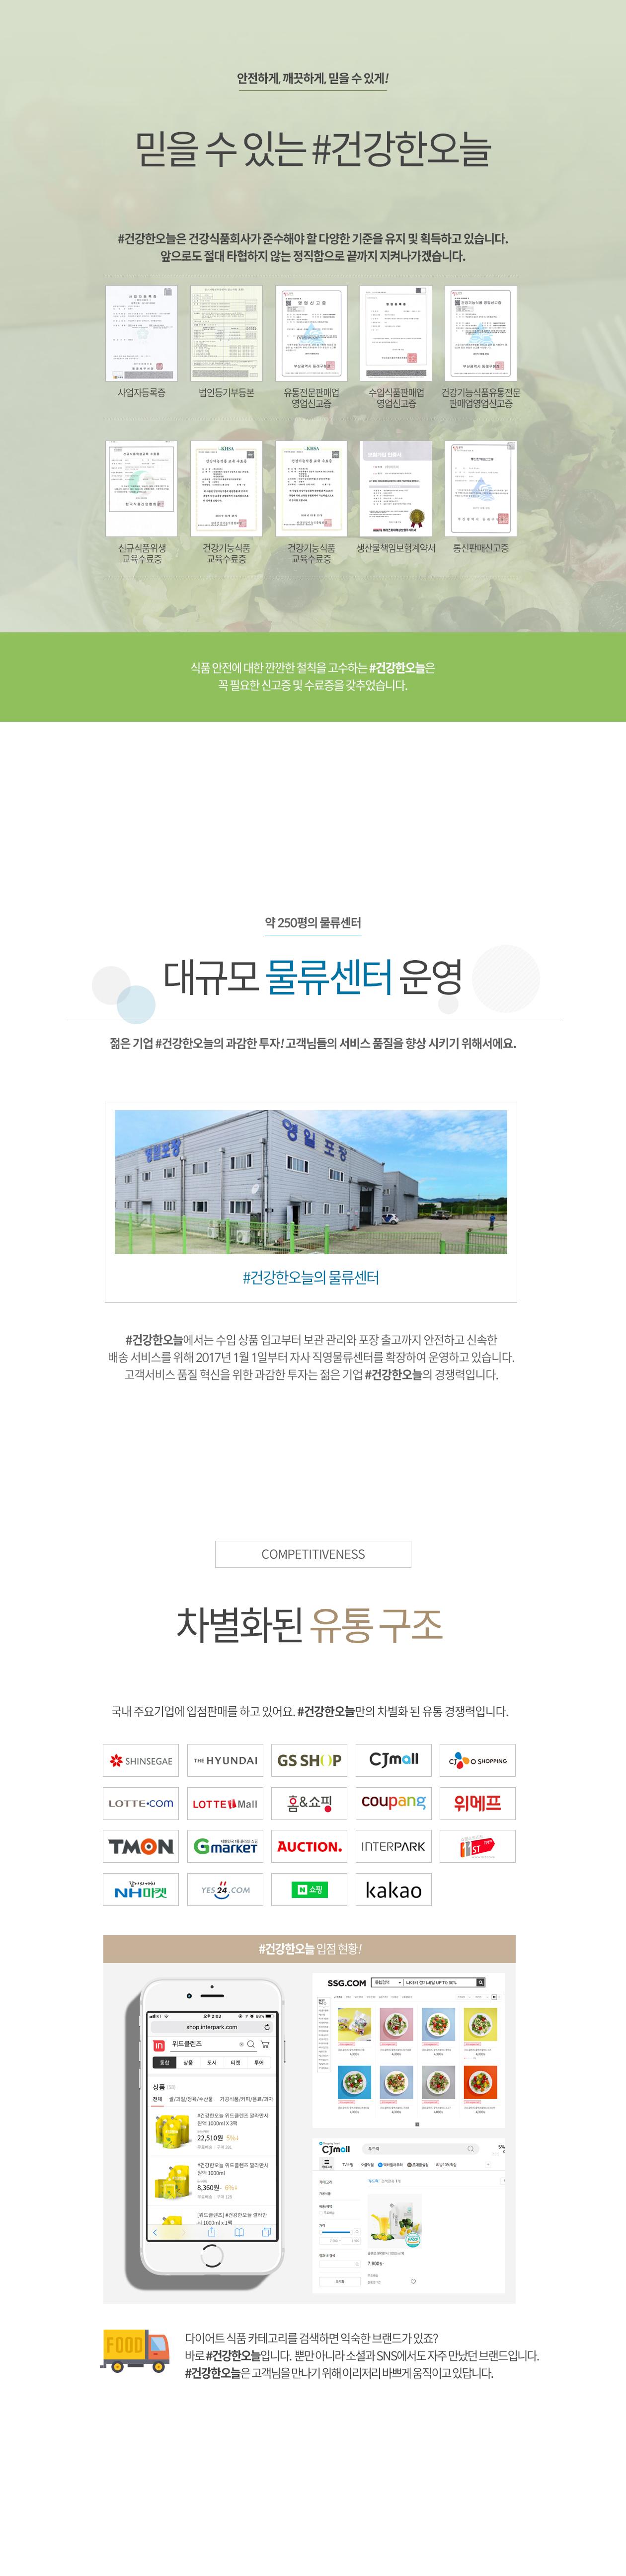 info_03.jpg